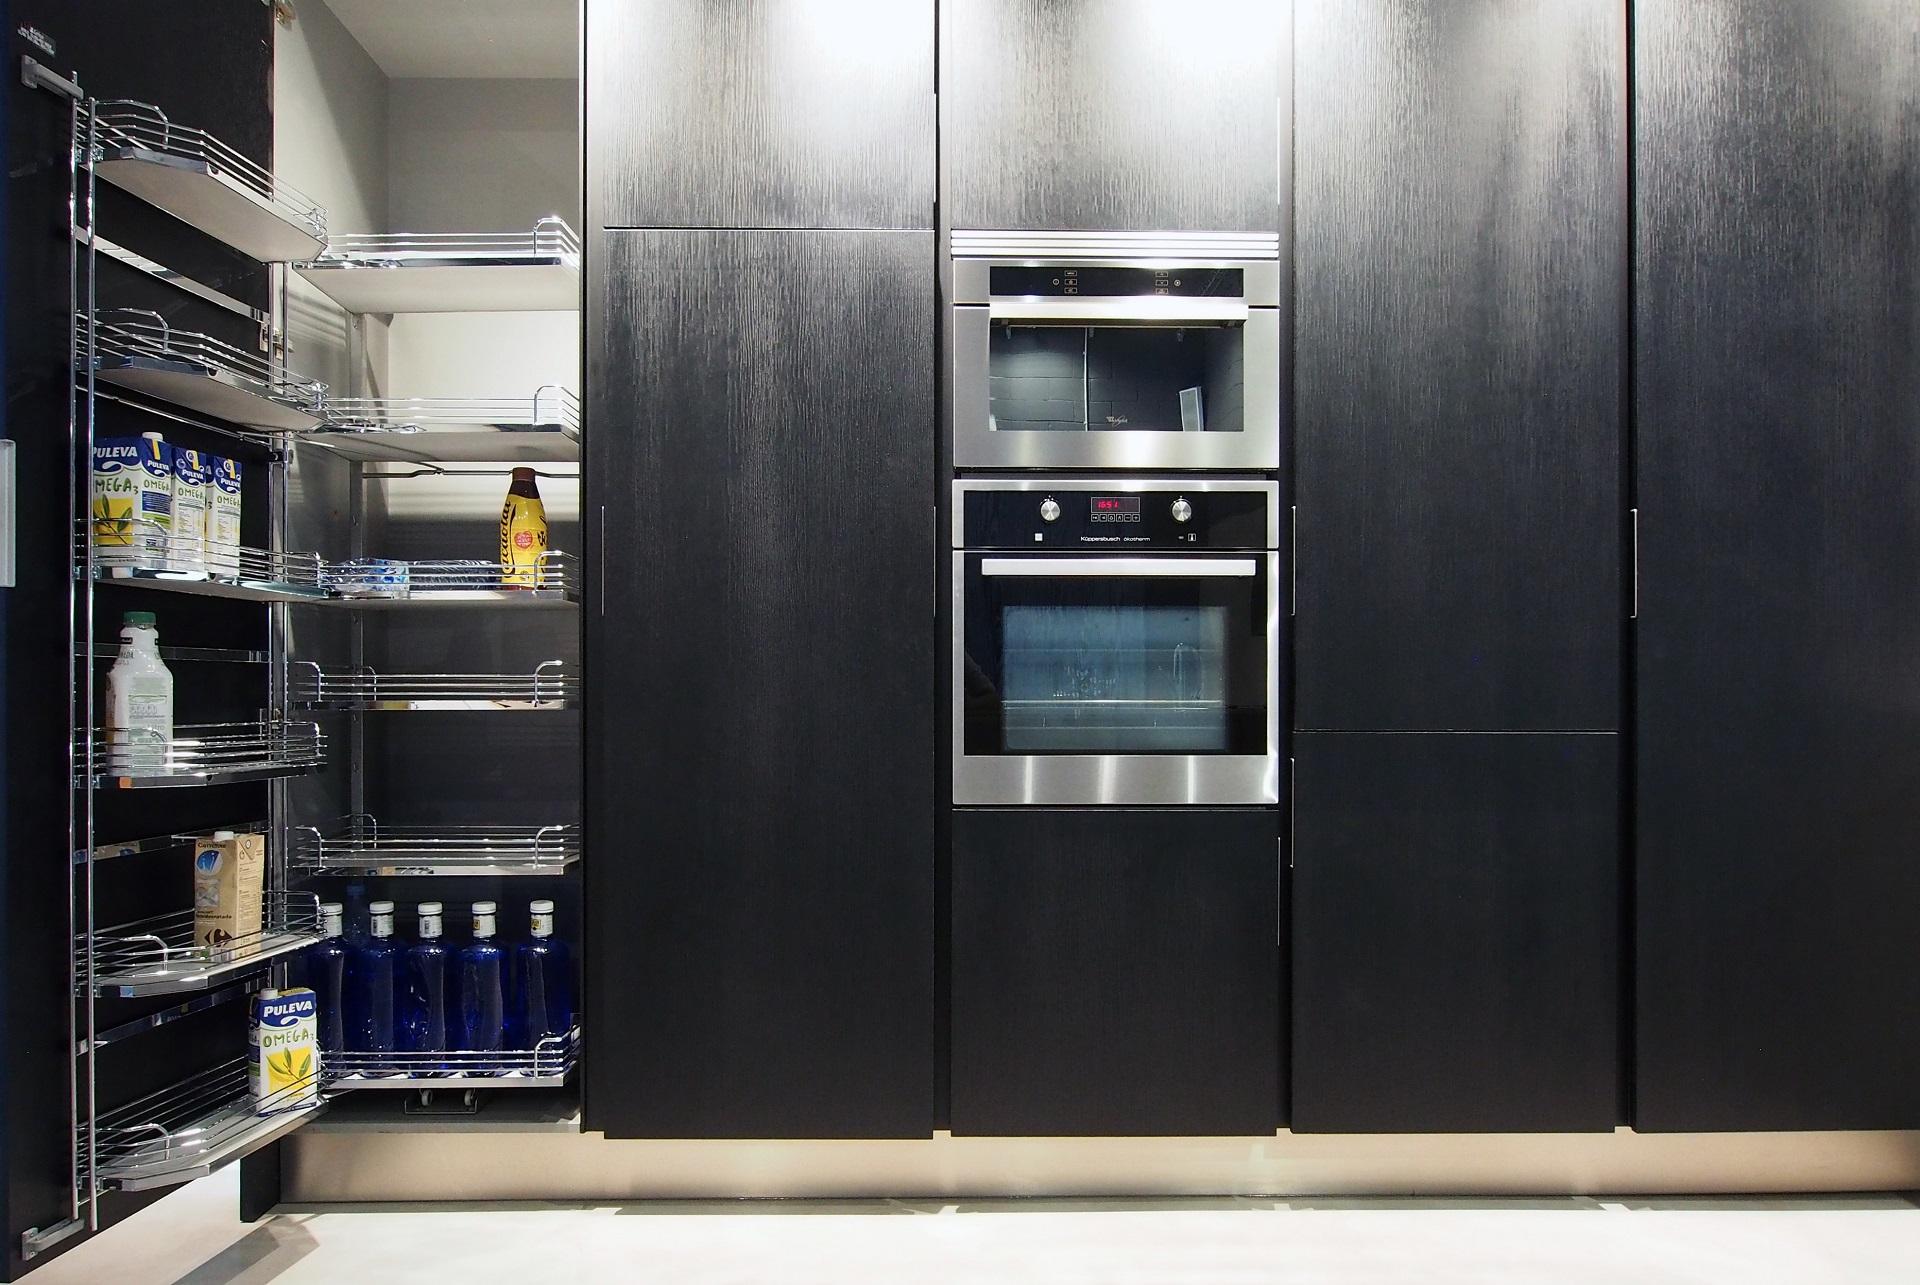 como optimizar cocinas despensa 4